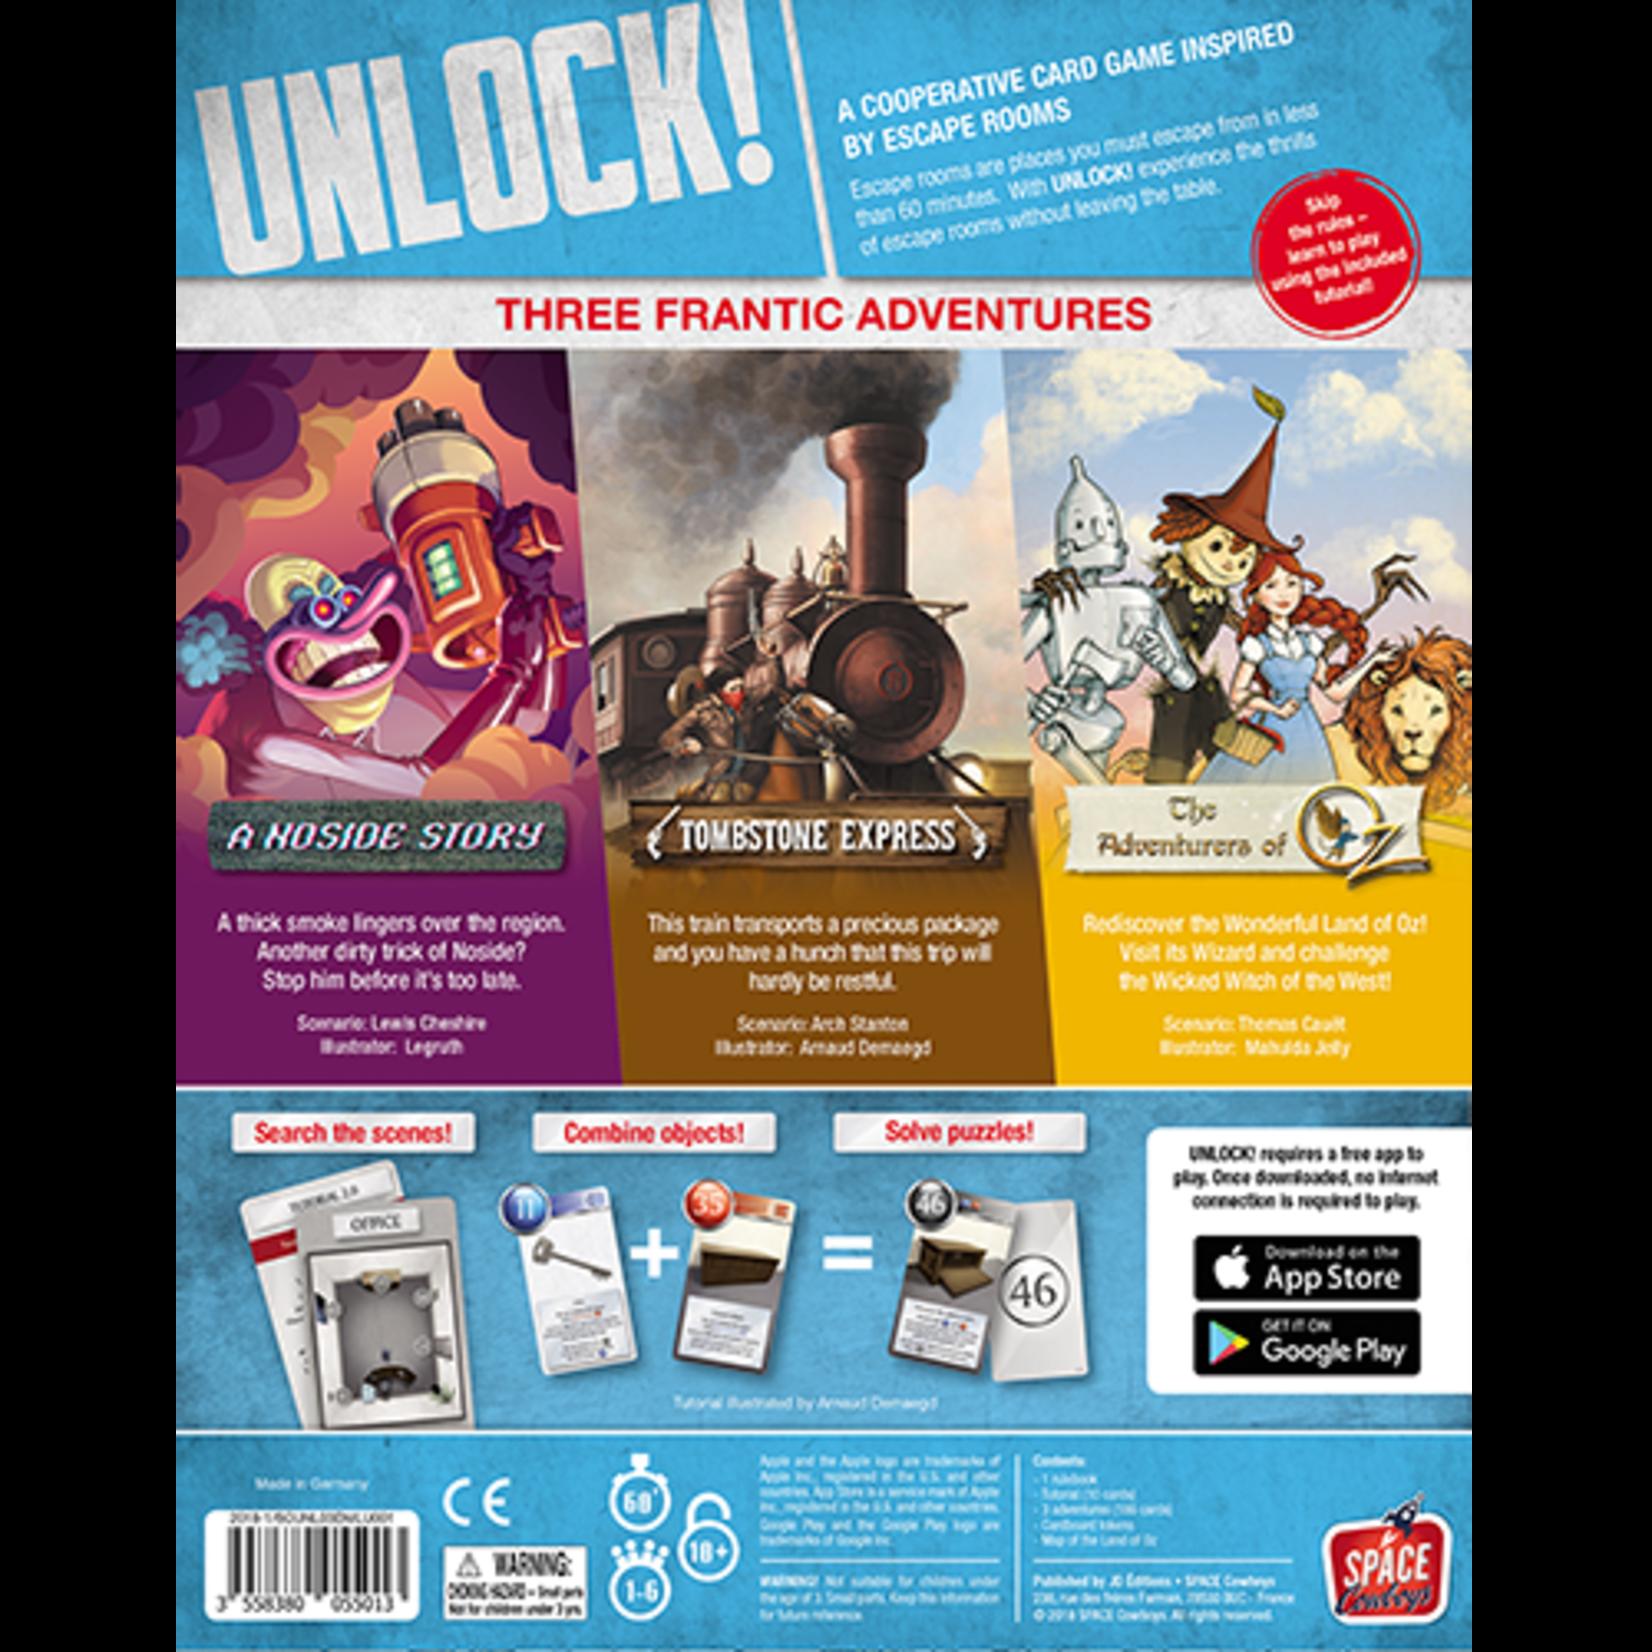 Space Cowboys UNLOCK! Secret Adventures